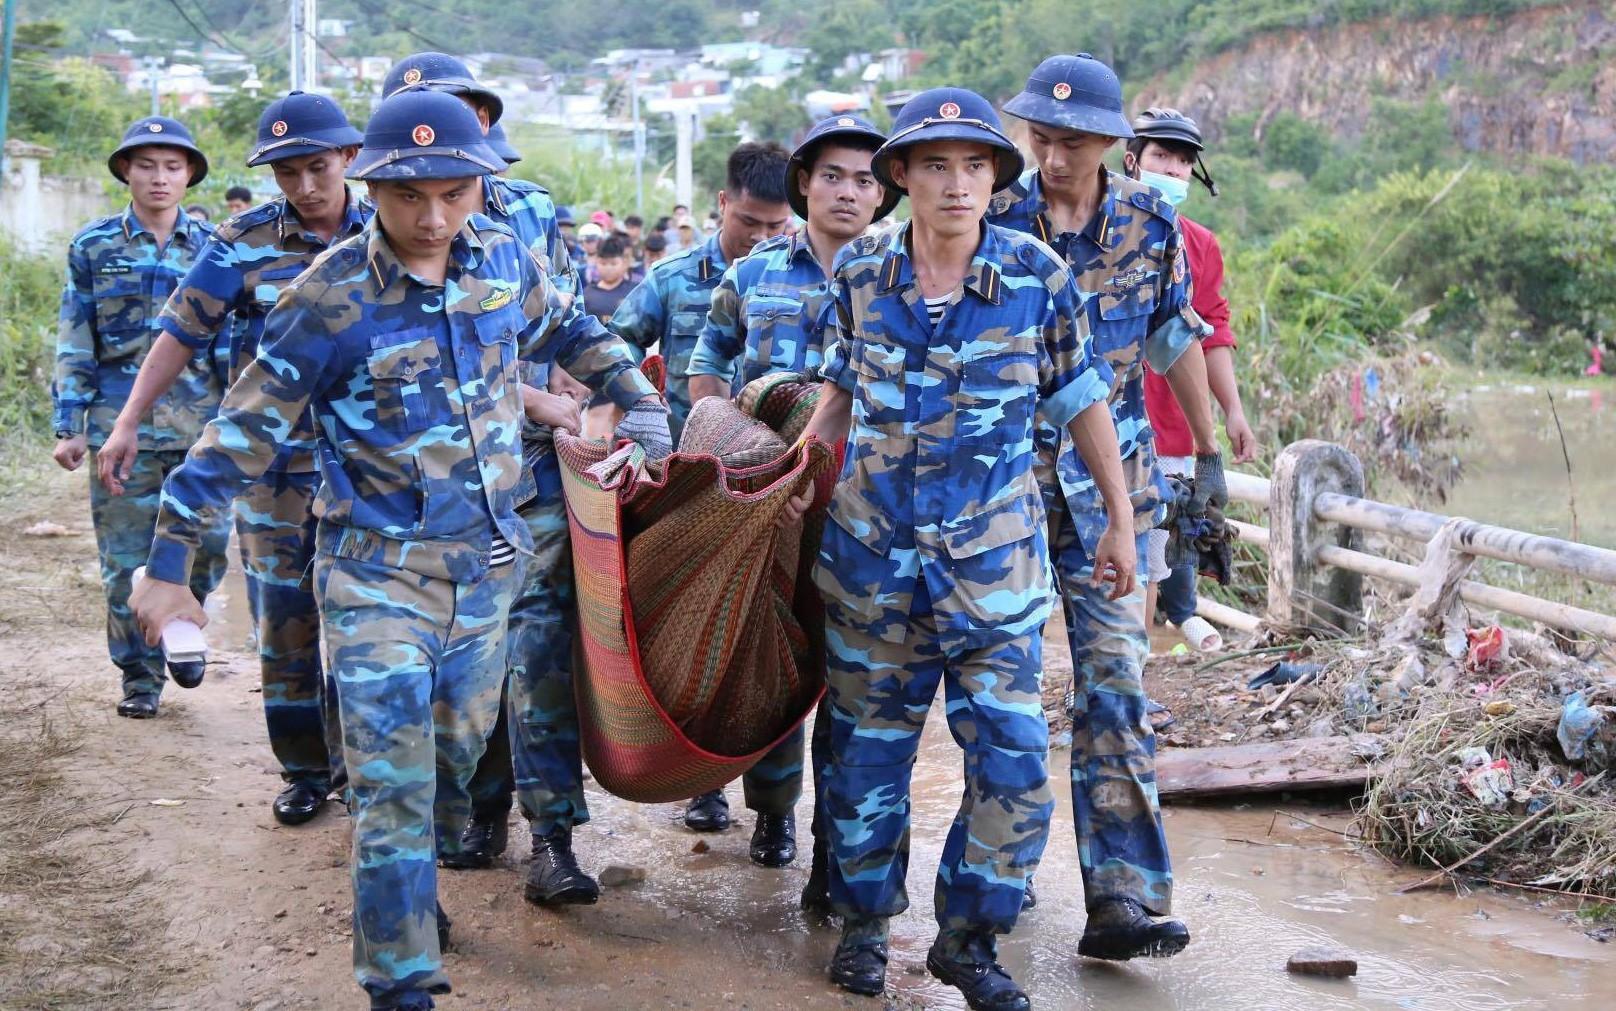 Vợ chồng thầy cô giáo cùng 2 con nhỏ tử vong thương tâm trong vụ sạt lở kinh hoàng ở Nha Trang